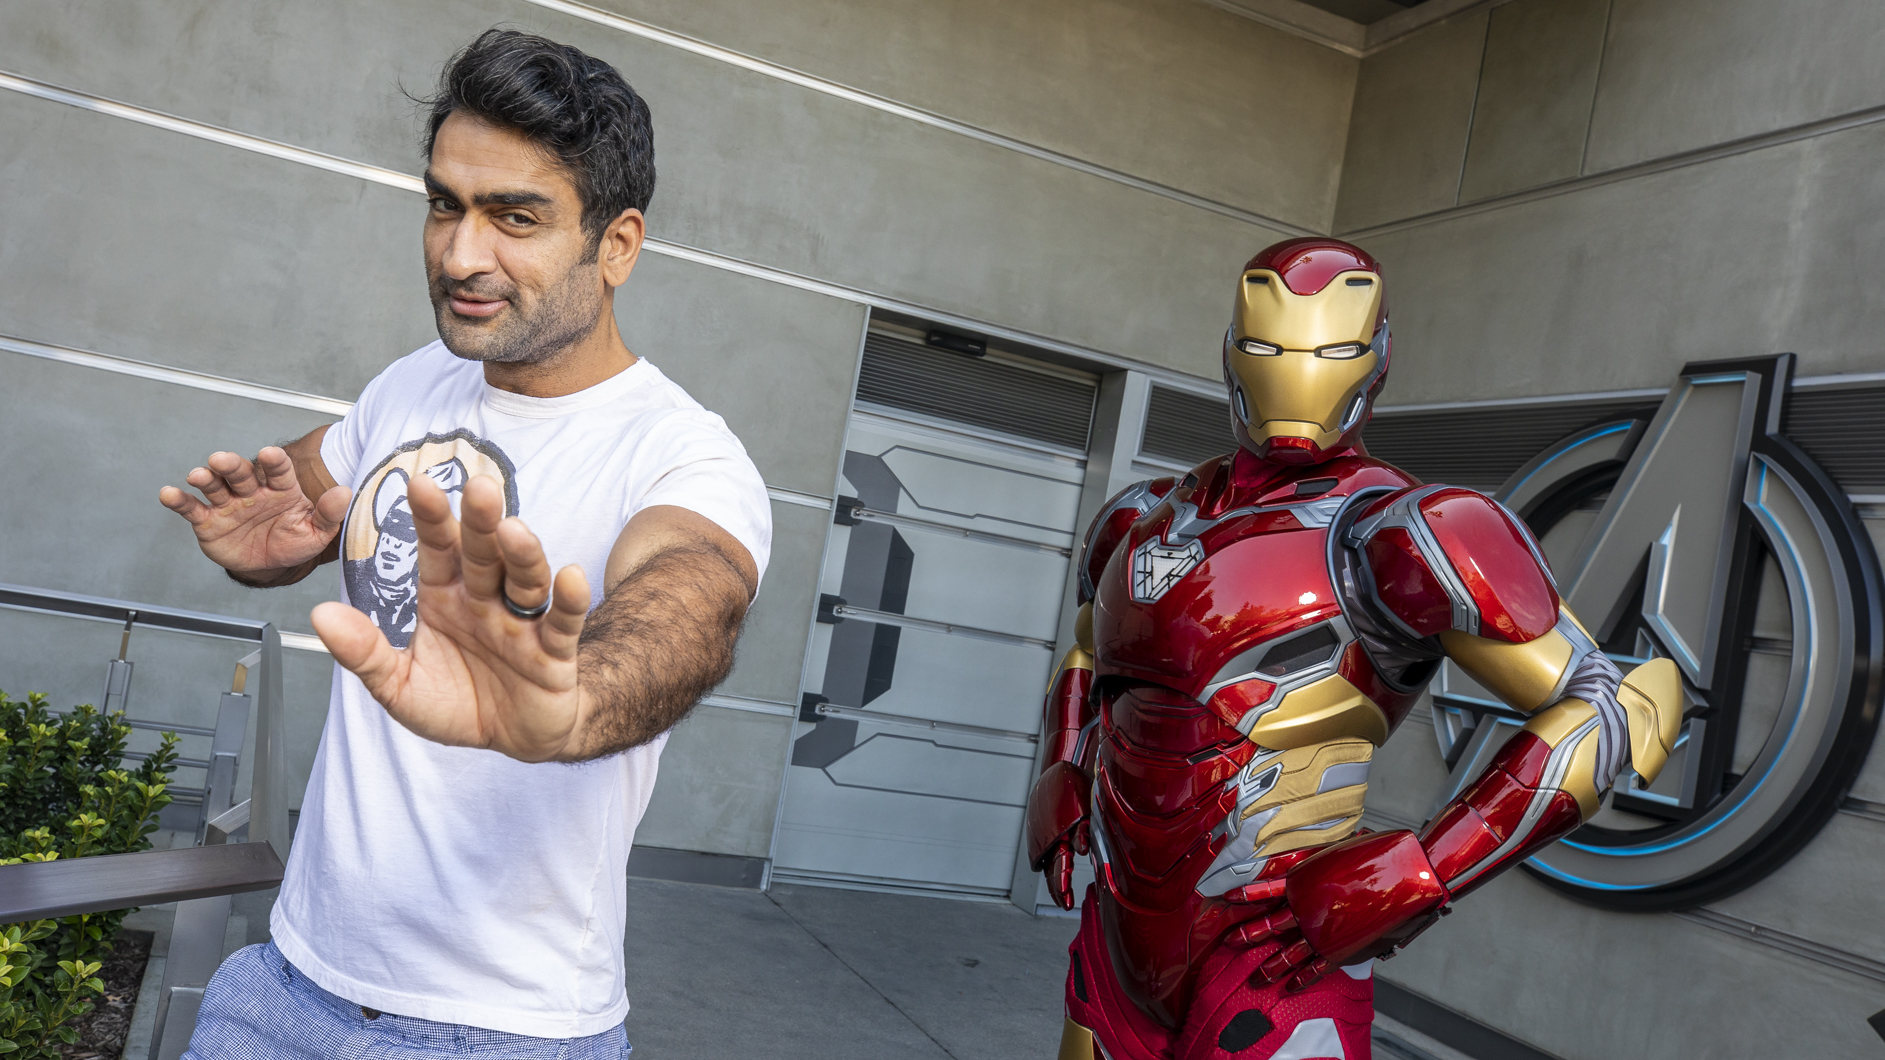 《永恆族》演員庫梅爾-南賈尼在迪士尼加州冒險公園參觀復仇者聯盟園區時遇到鋼鐵